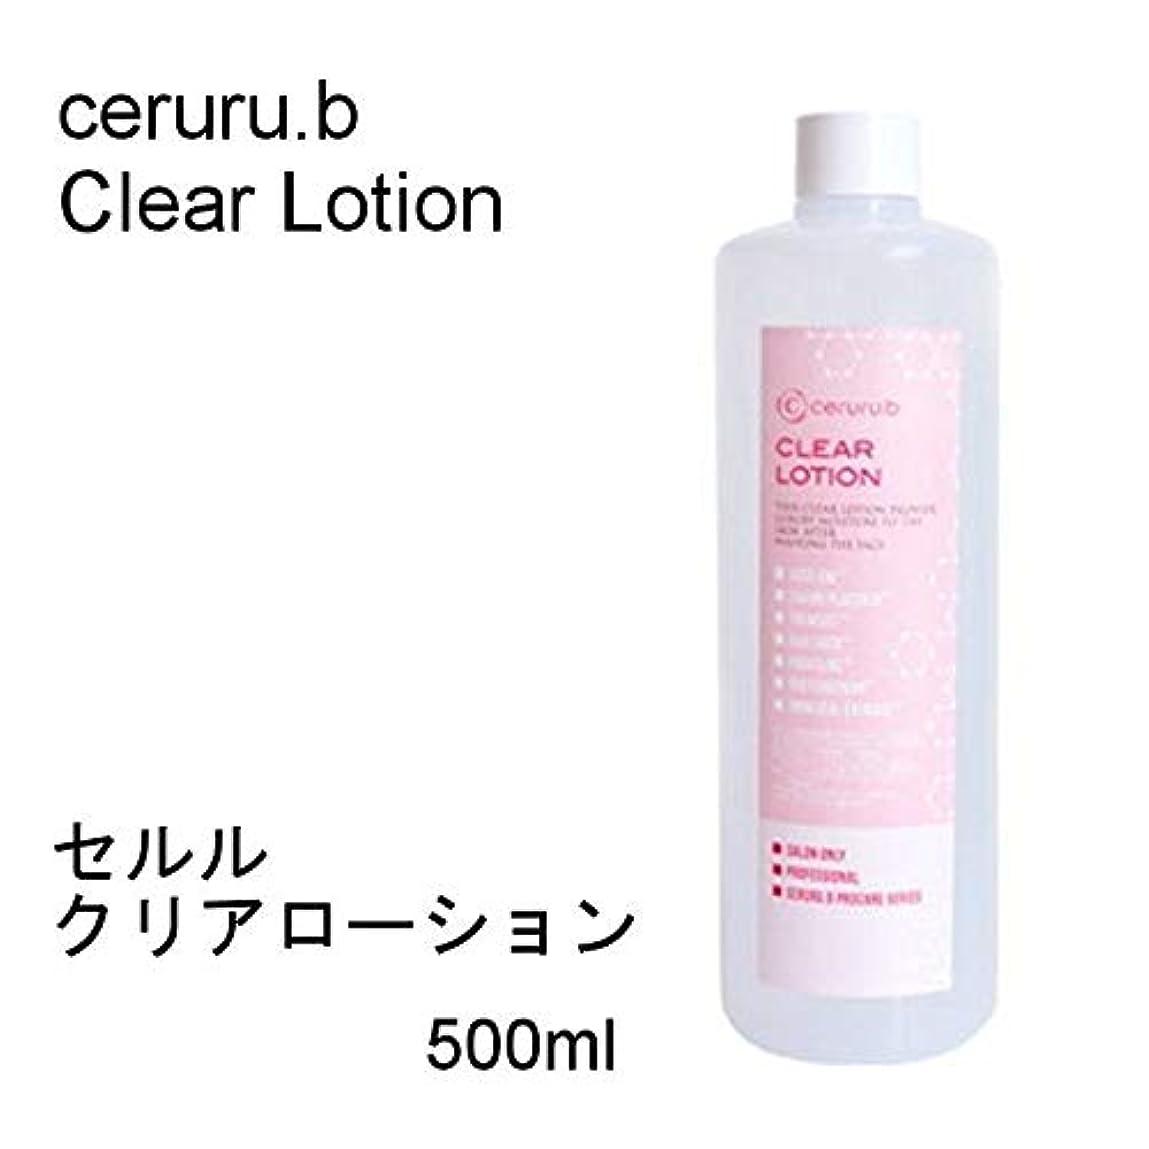 少年ギター眠りceruru.b/セルル 業務用 クリアローション 化粧水 500mL